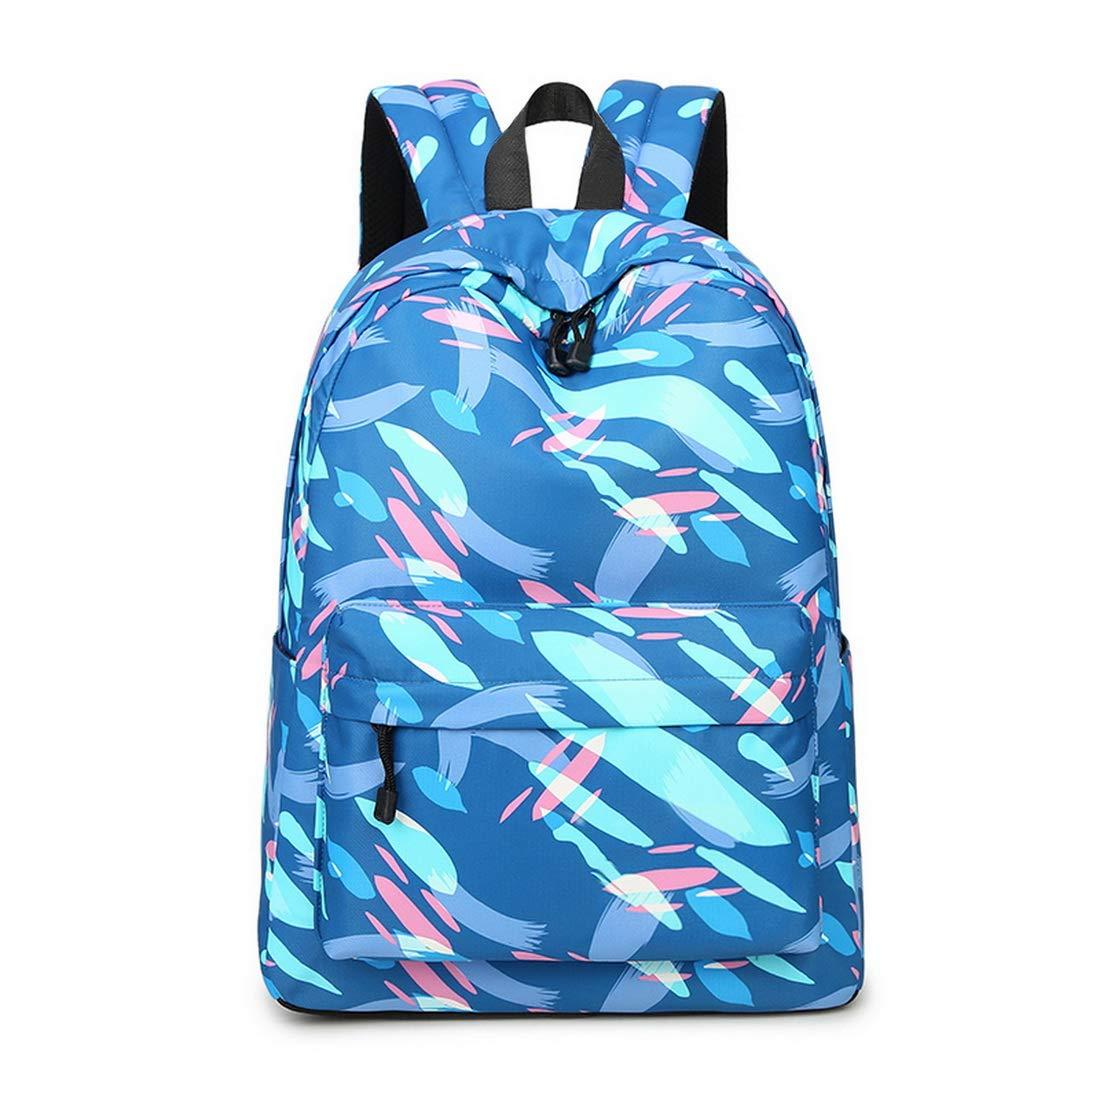 Acmebon Léger d'impression de Mode 14inch Portable School Sac à Dos pour Les Filles de l'adolescence et Les garçons Sac à Dos des Femmes Bleu Graffiti 626